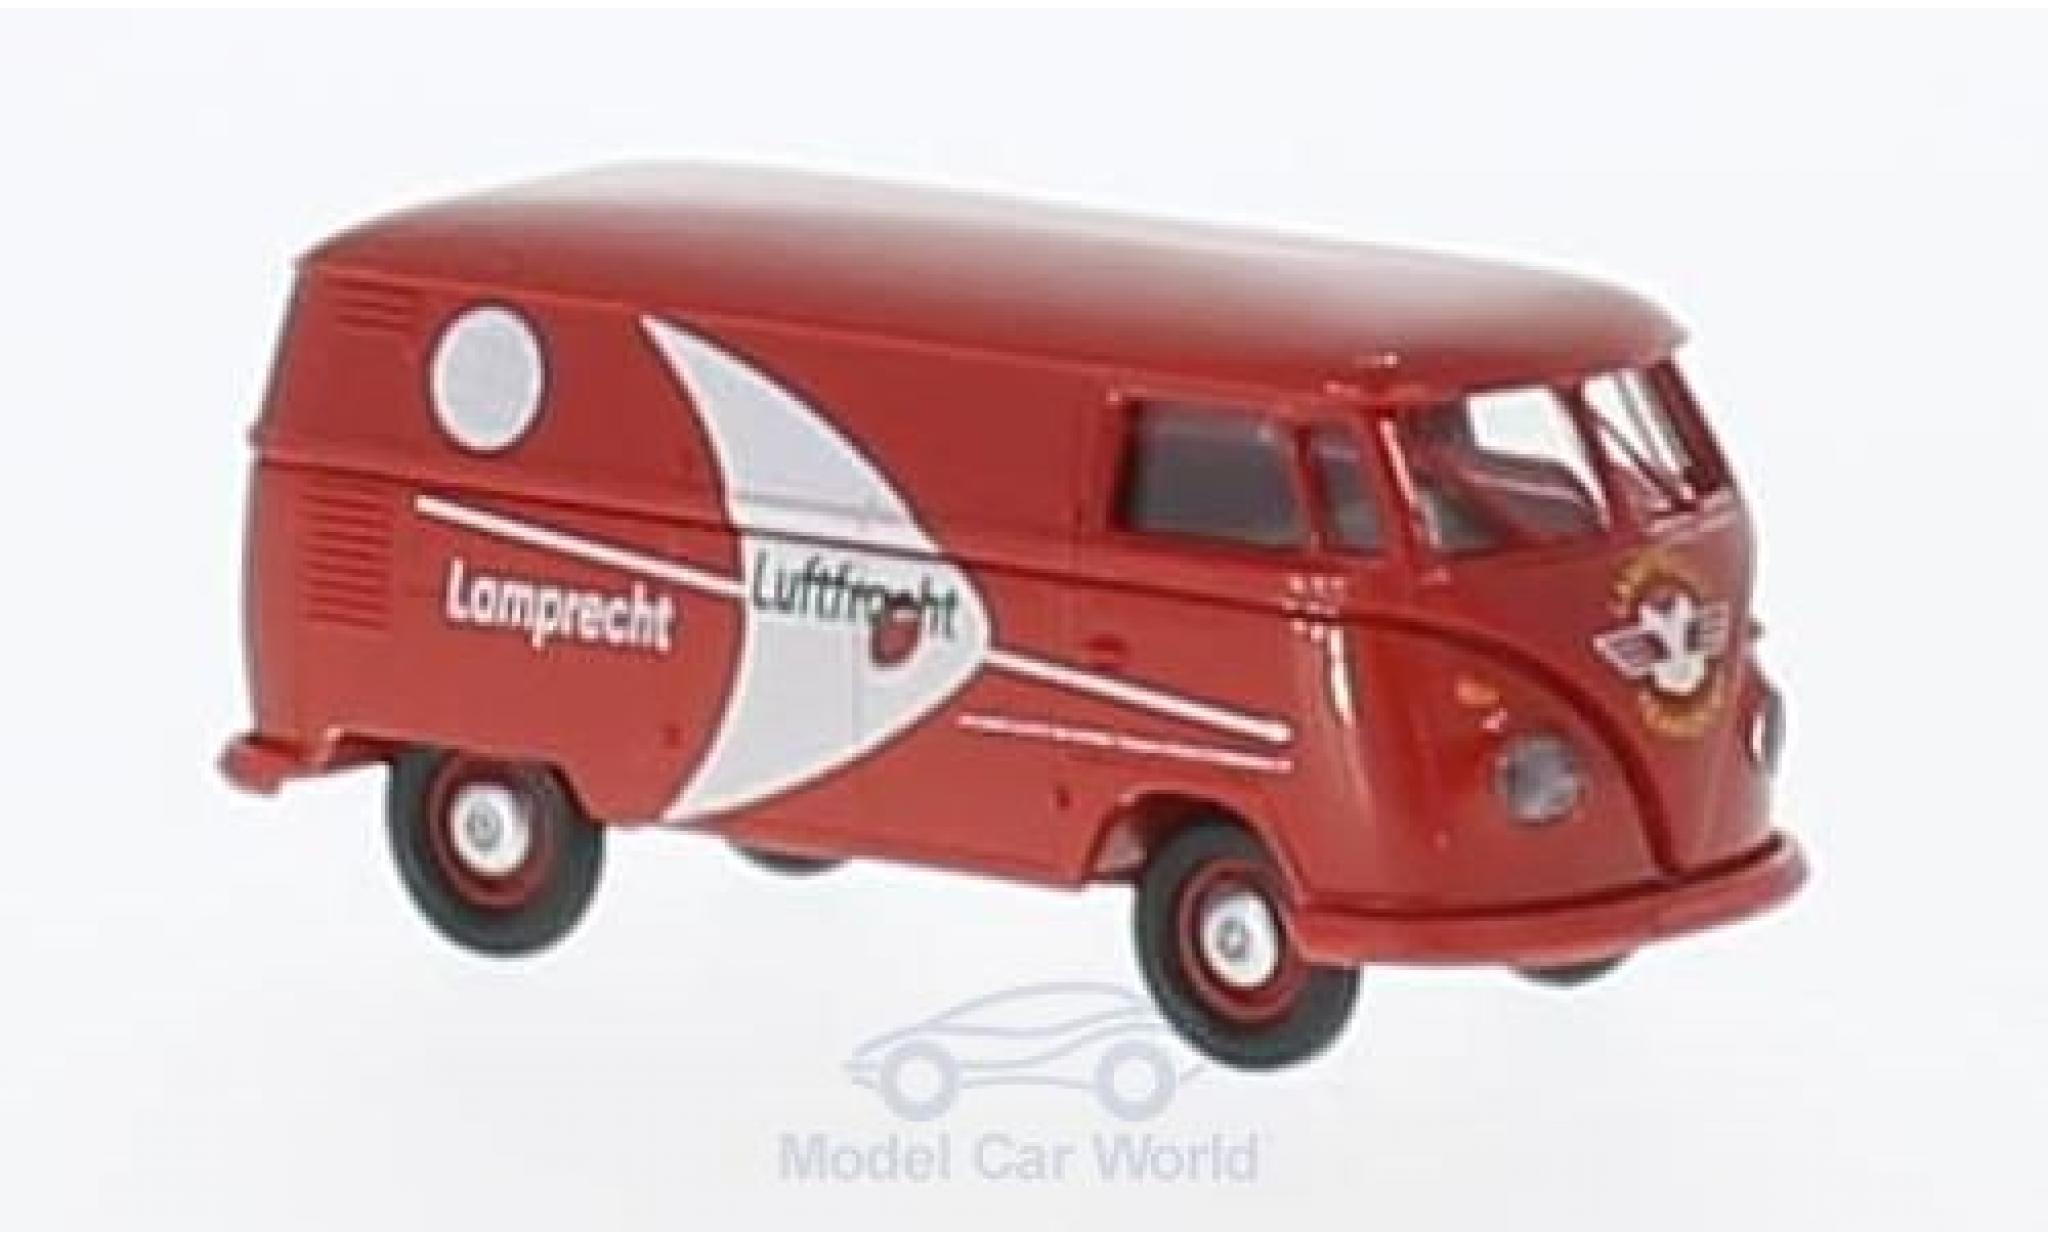 Volkswagen T1 1/87 Brekina Lamprecht Luftfracht